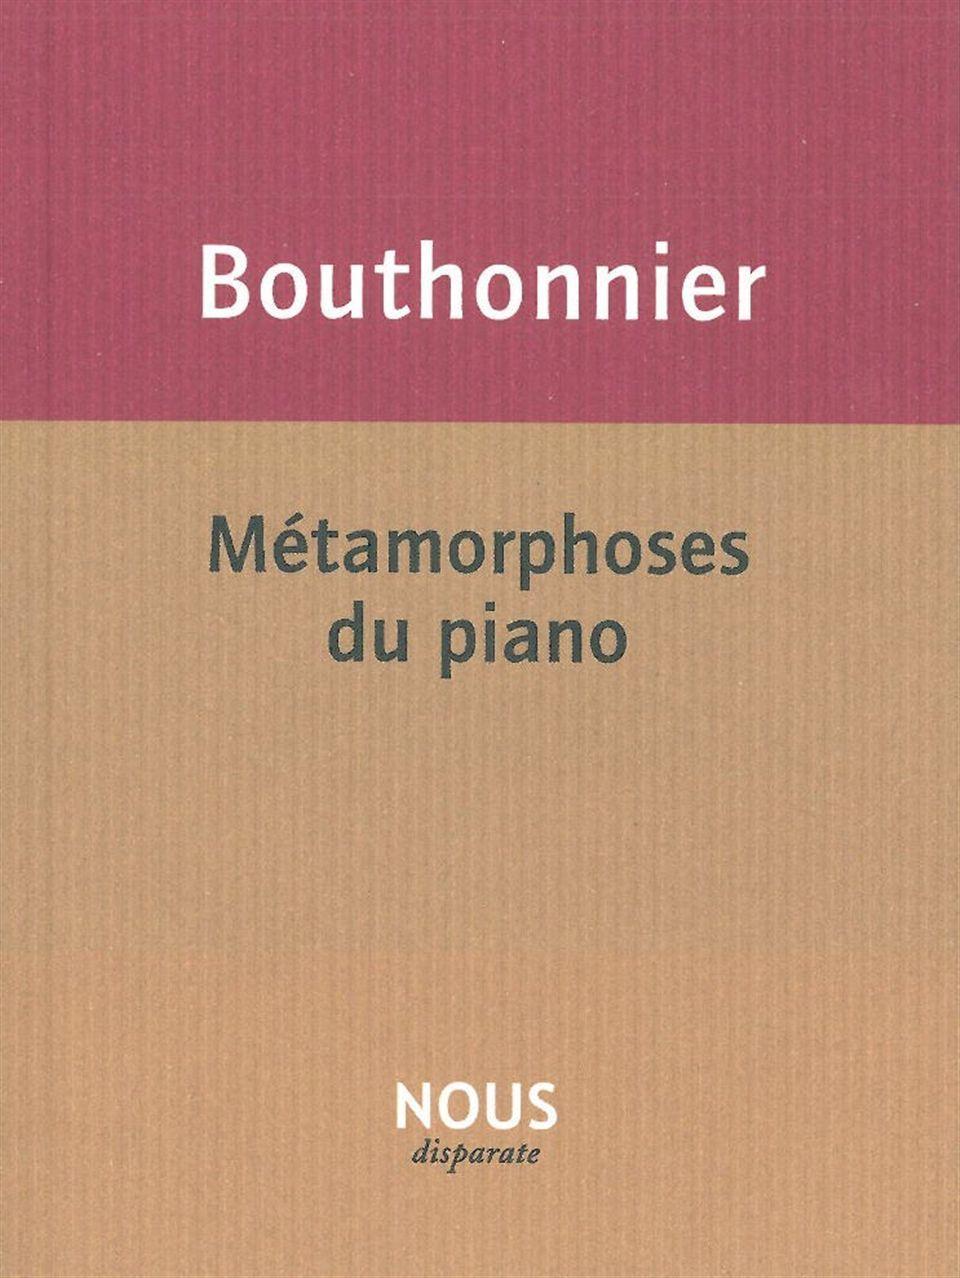 METAMORPHOSES DU PIANO